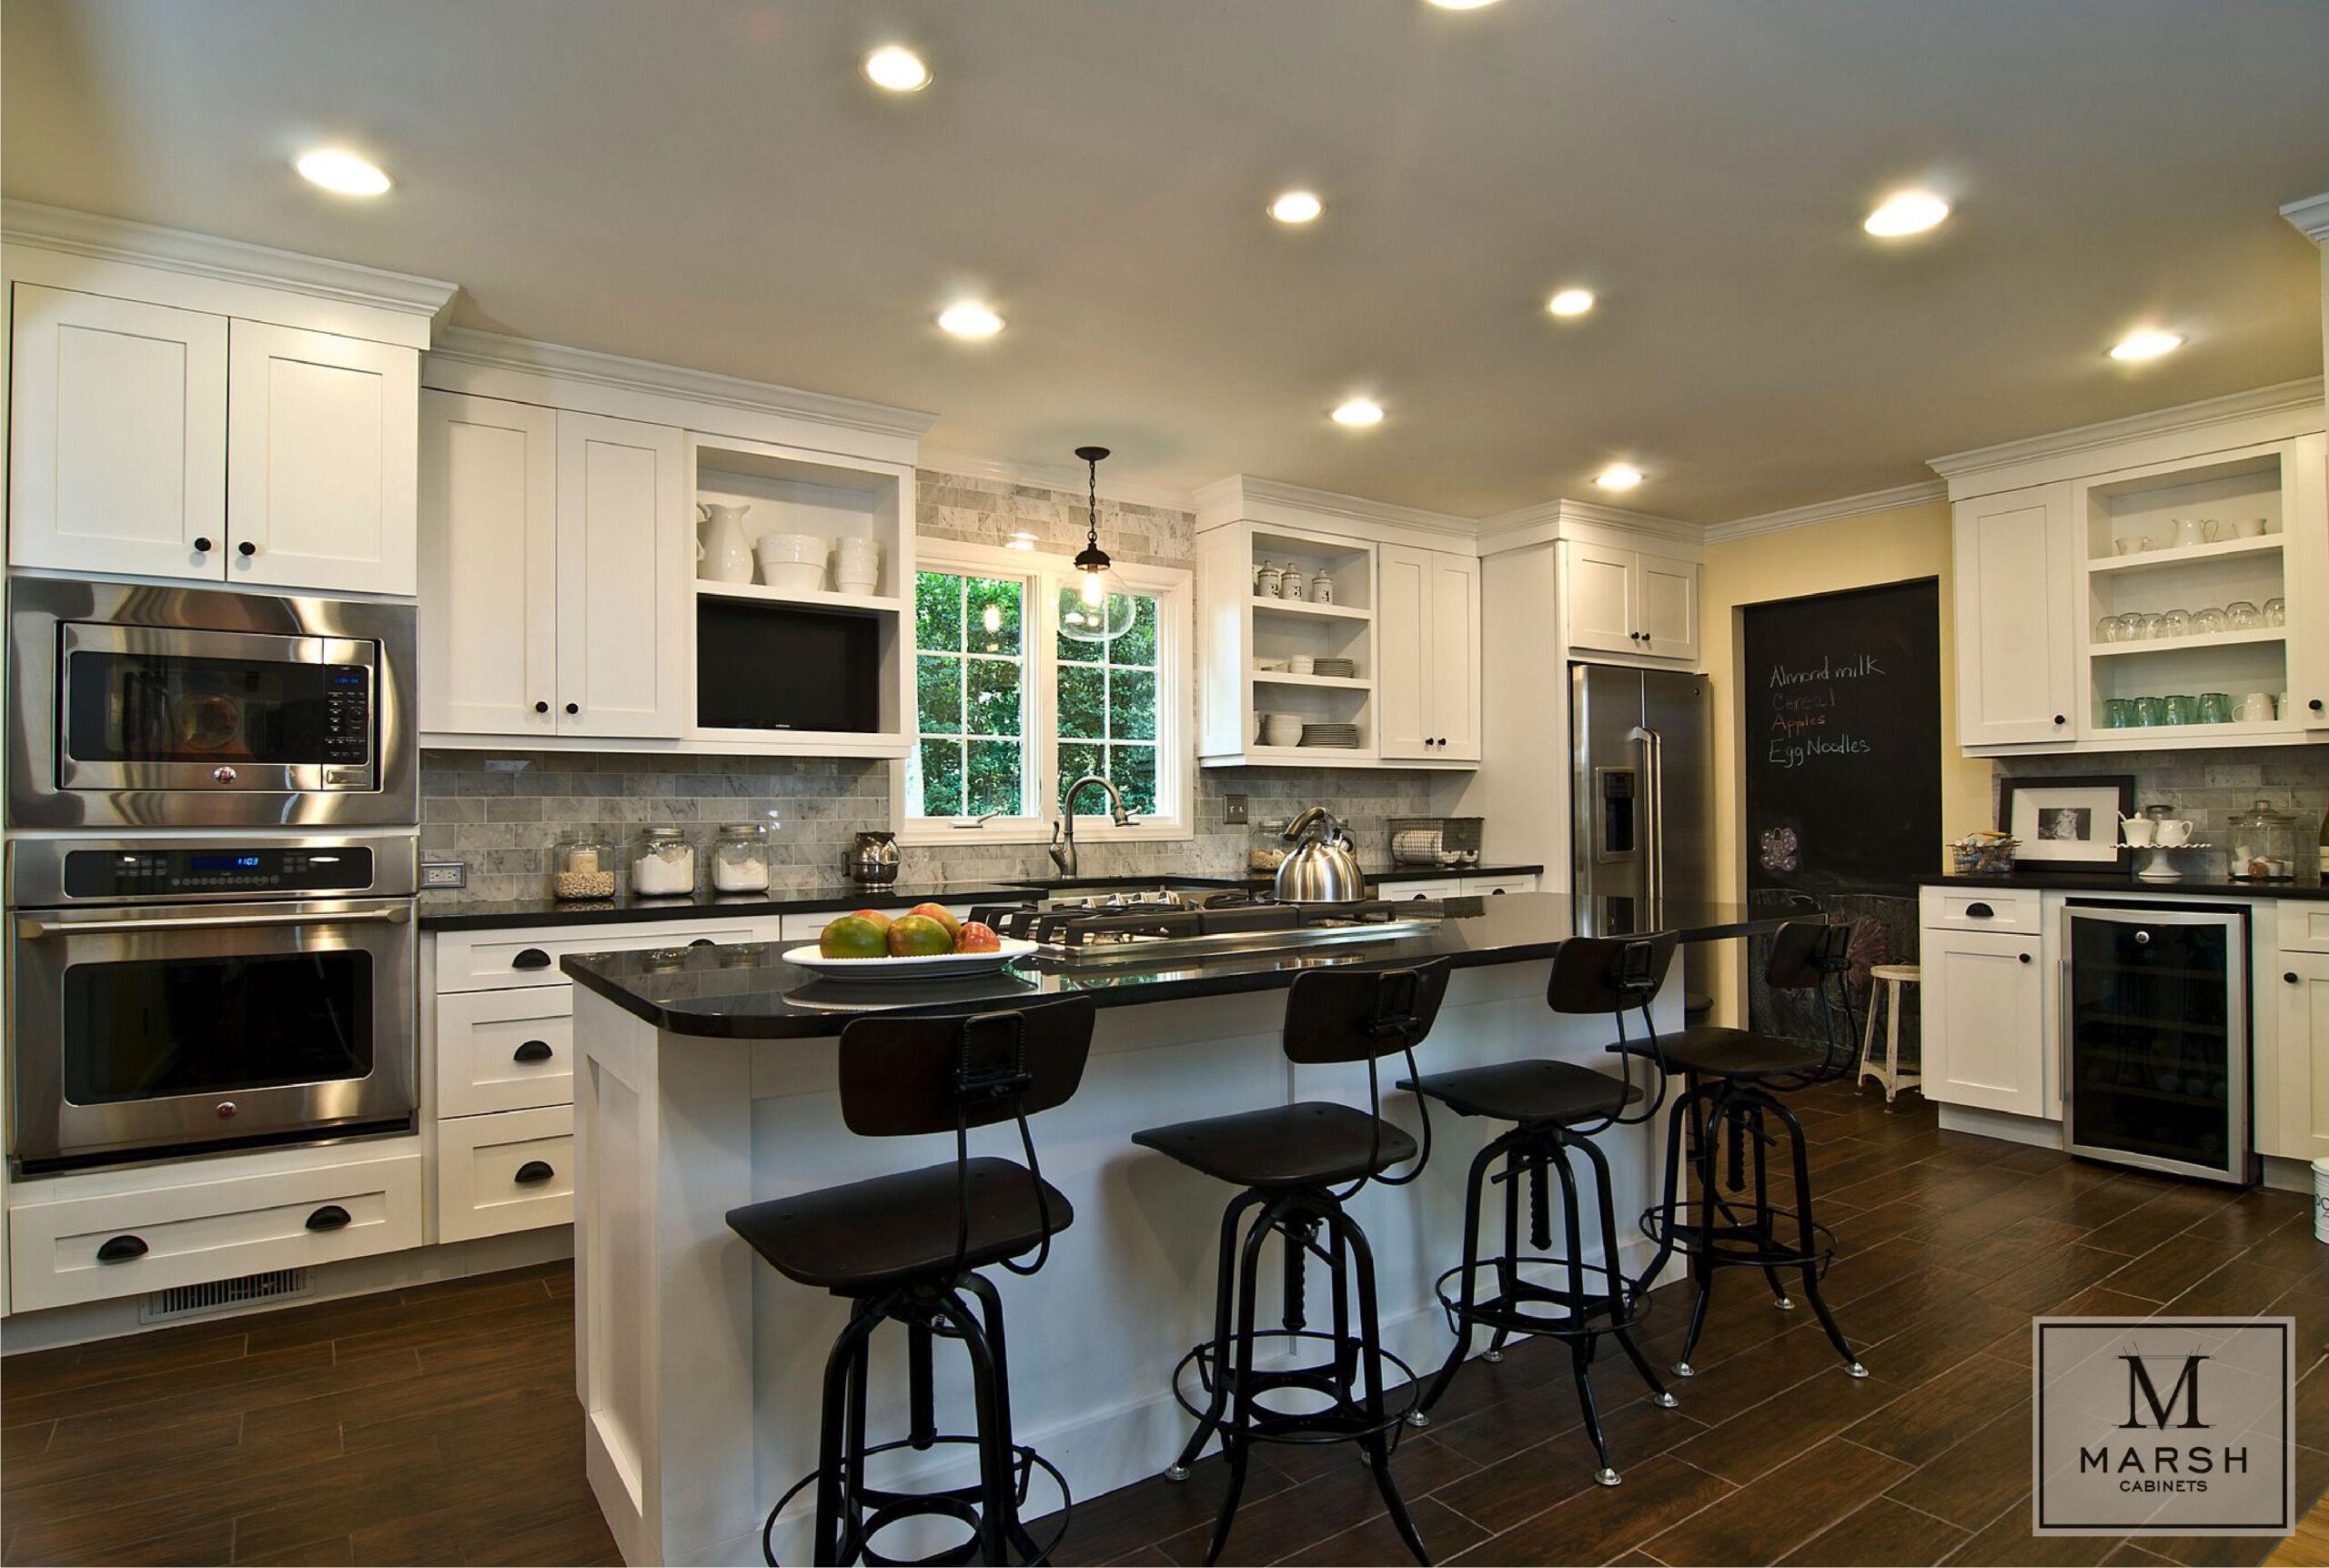 Kitchen Cabinets Raleigh Transitional Summerfield1 Alpine White Shaker